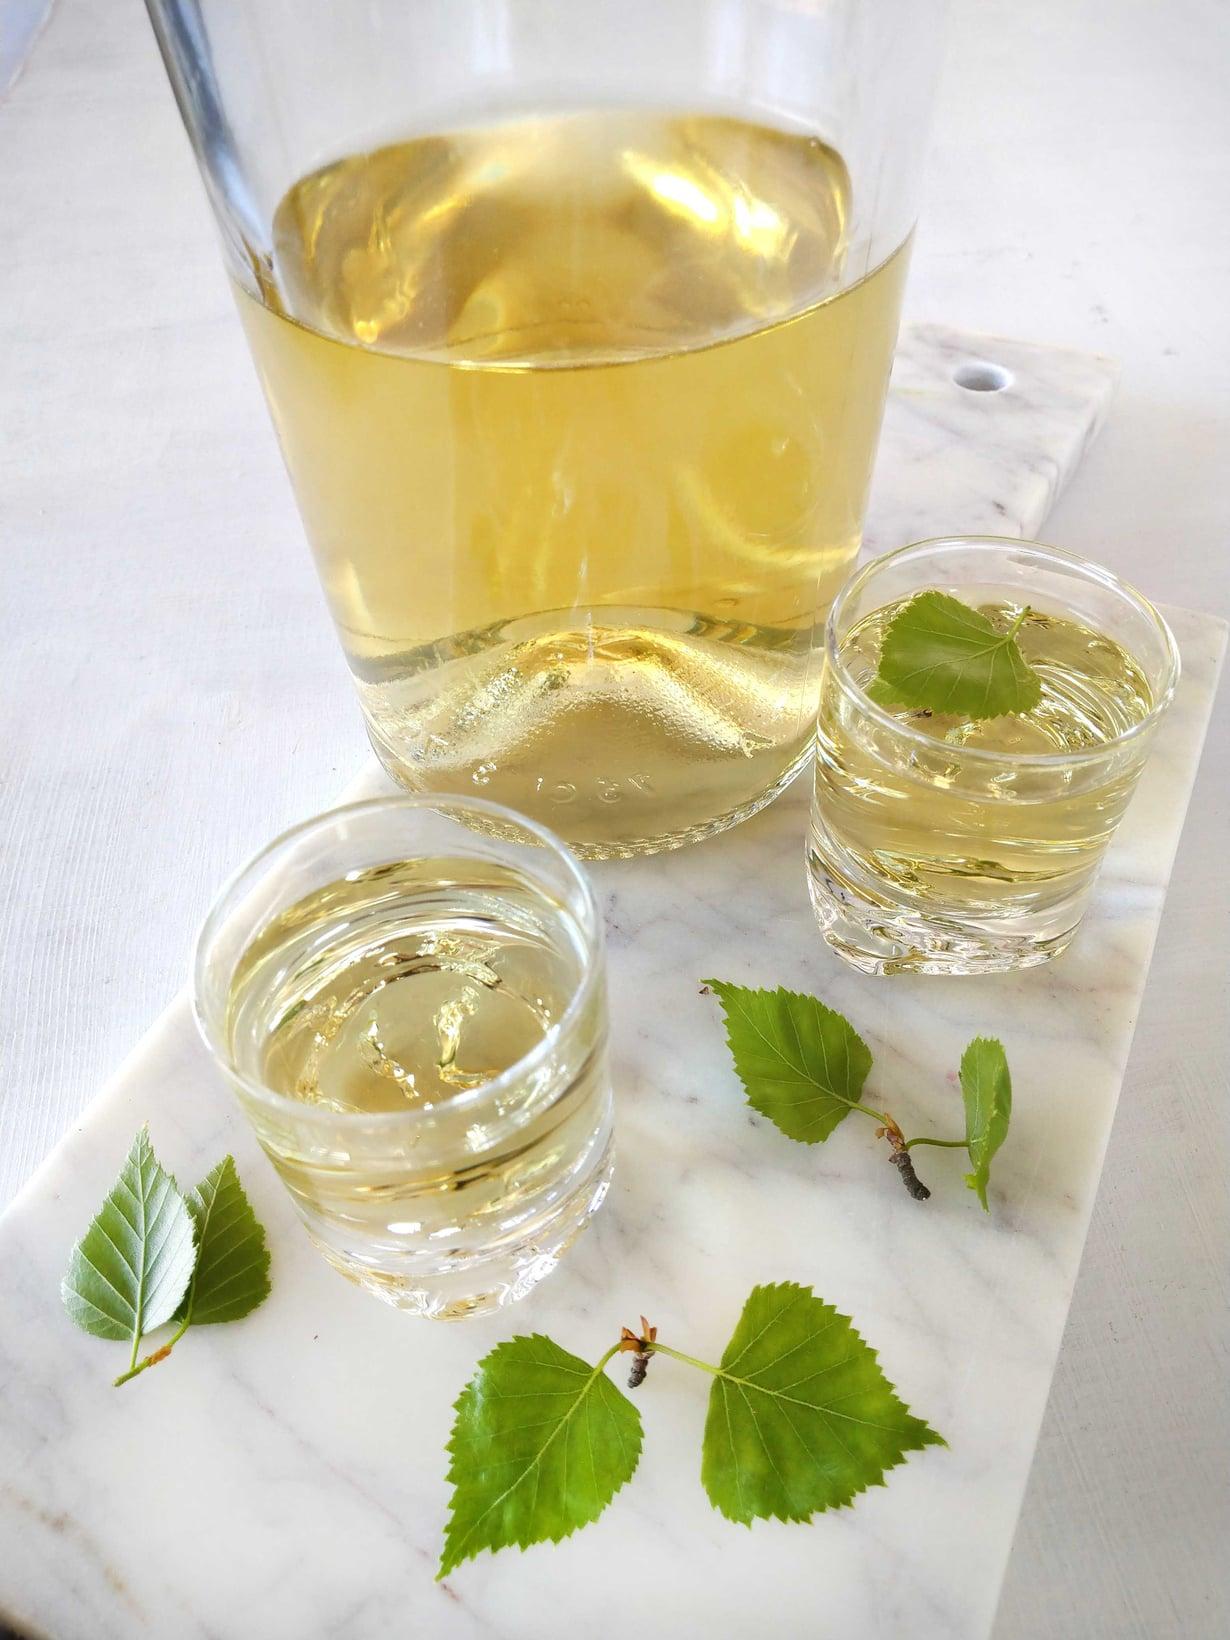 Hiirenkorvailla maustetun viinan maku on aromaattinen ja hieman makea. Jos pidät hyvin pehmeästä snapsin mausta, lisää valmistusvaiheessa teelusikallinen hienoa sokeria.